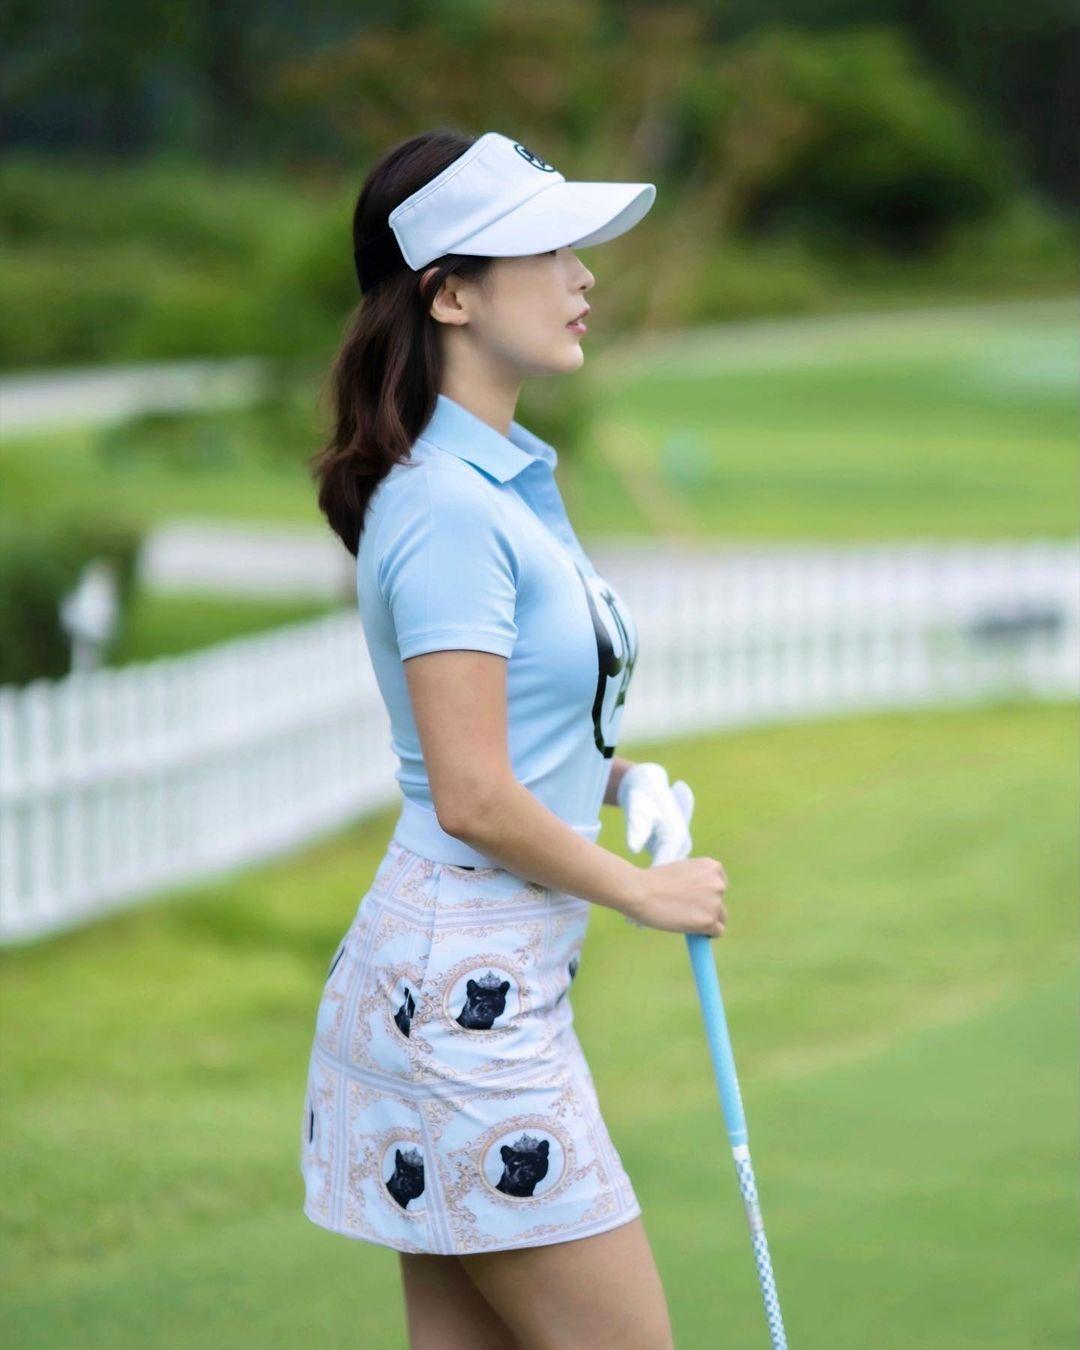 韩国高尔夫正妹Becky 狂吸 33 万粉丝好身材更让人心动 养眼图片 第2张